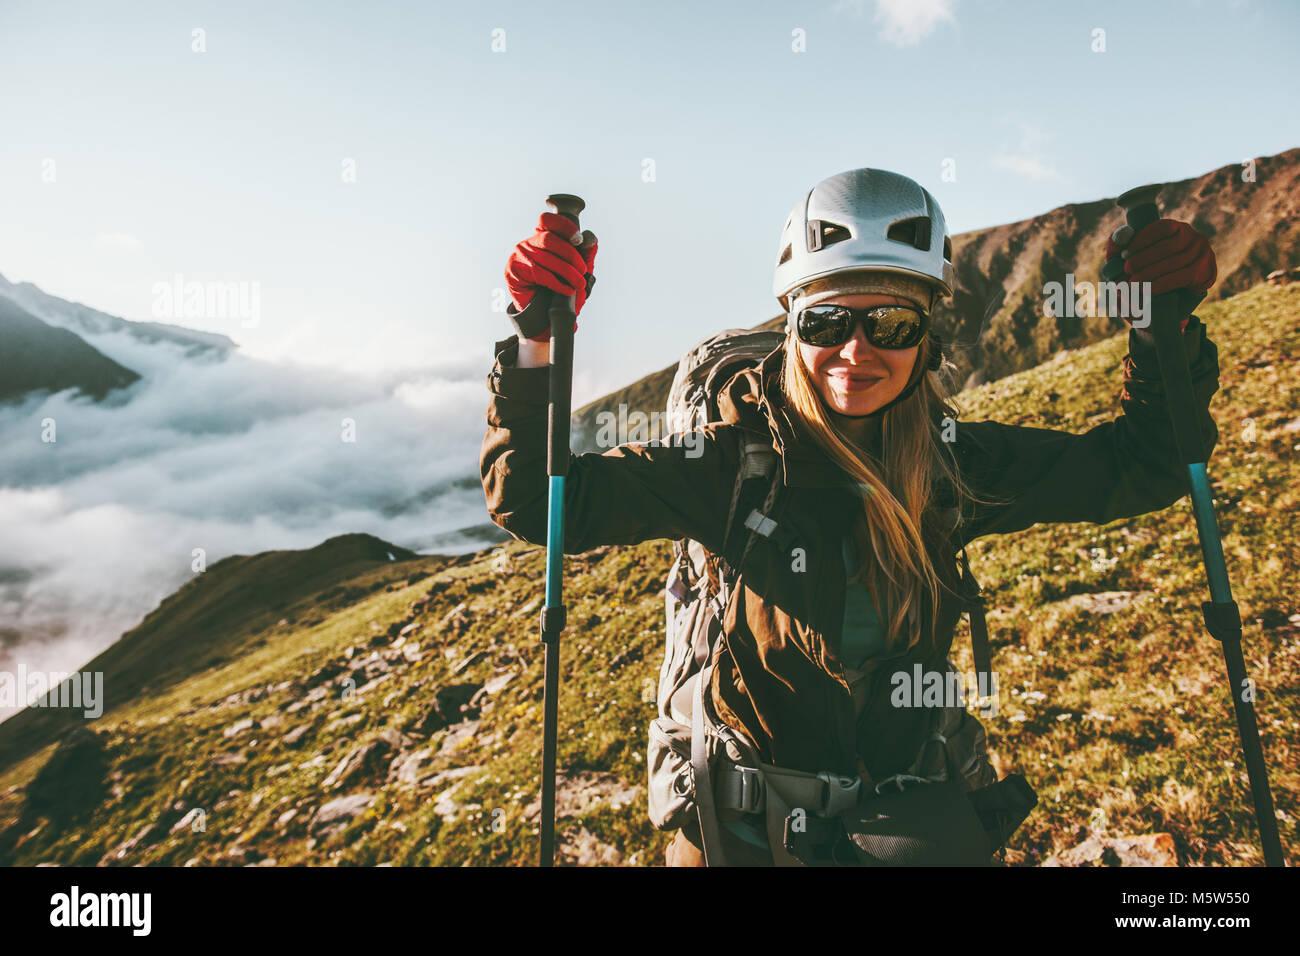 Frau Wandern in den Bergen reisen, gesunden Lebensstil Abenteuer Konzept Aktiv Sommer Ferien im Freien positive Stockbild